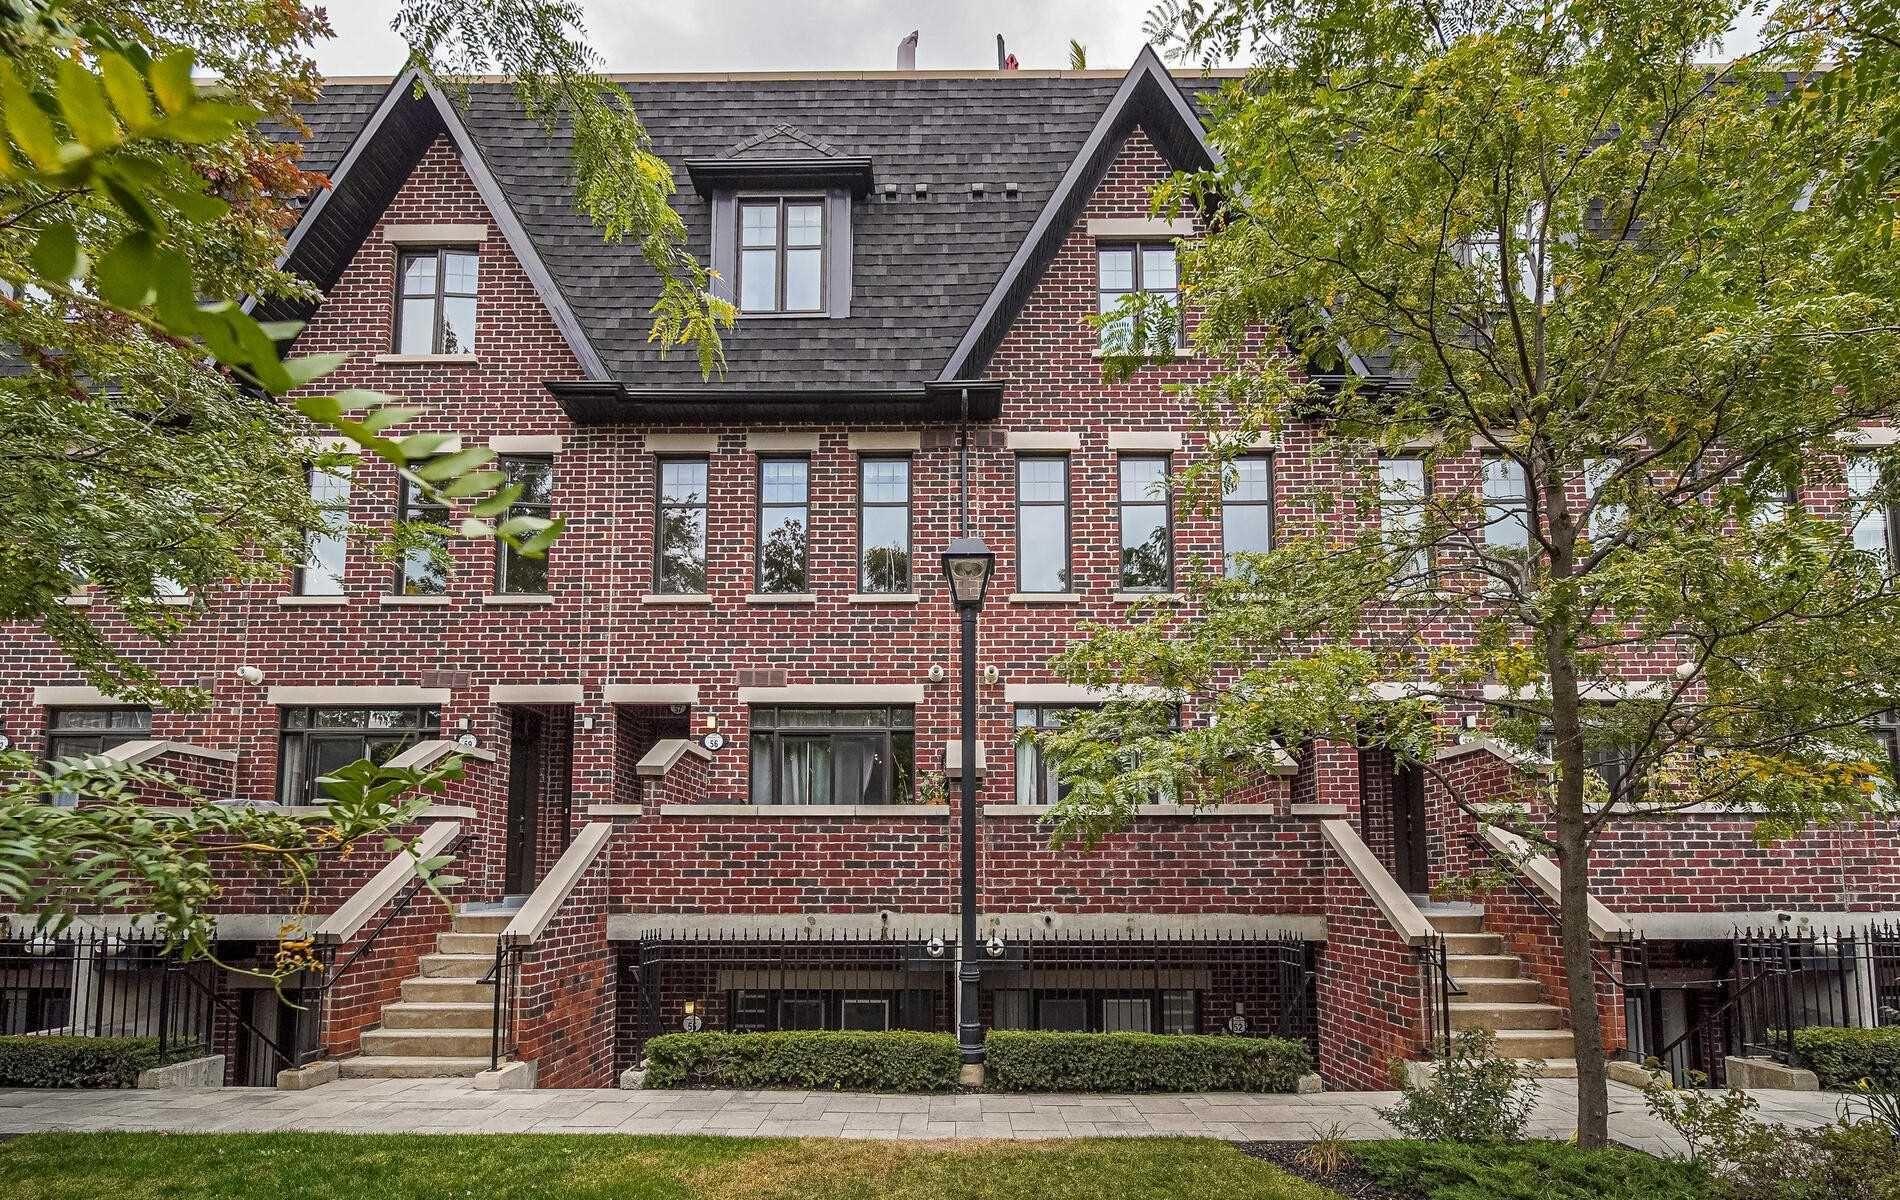 Main Photo: 54 140 Broadview Avenue in Toronto: South Riverdale Condo for sale (Toronto E01)  : MLS®# E4934861